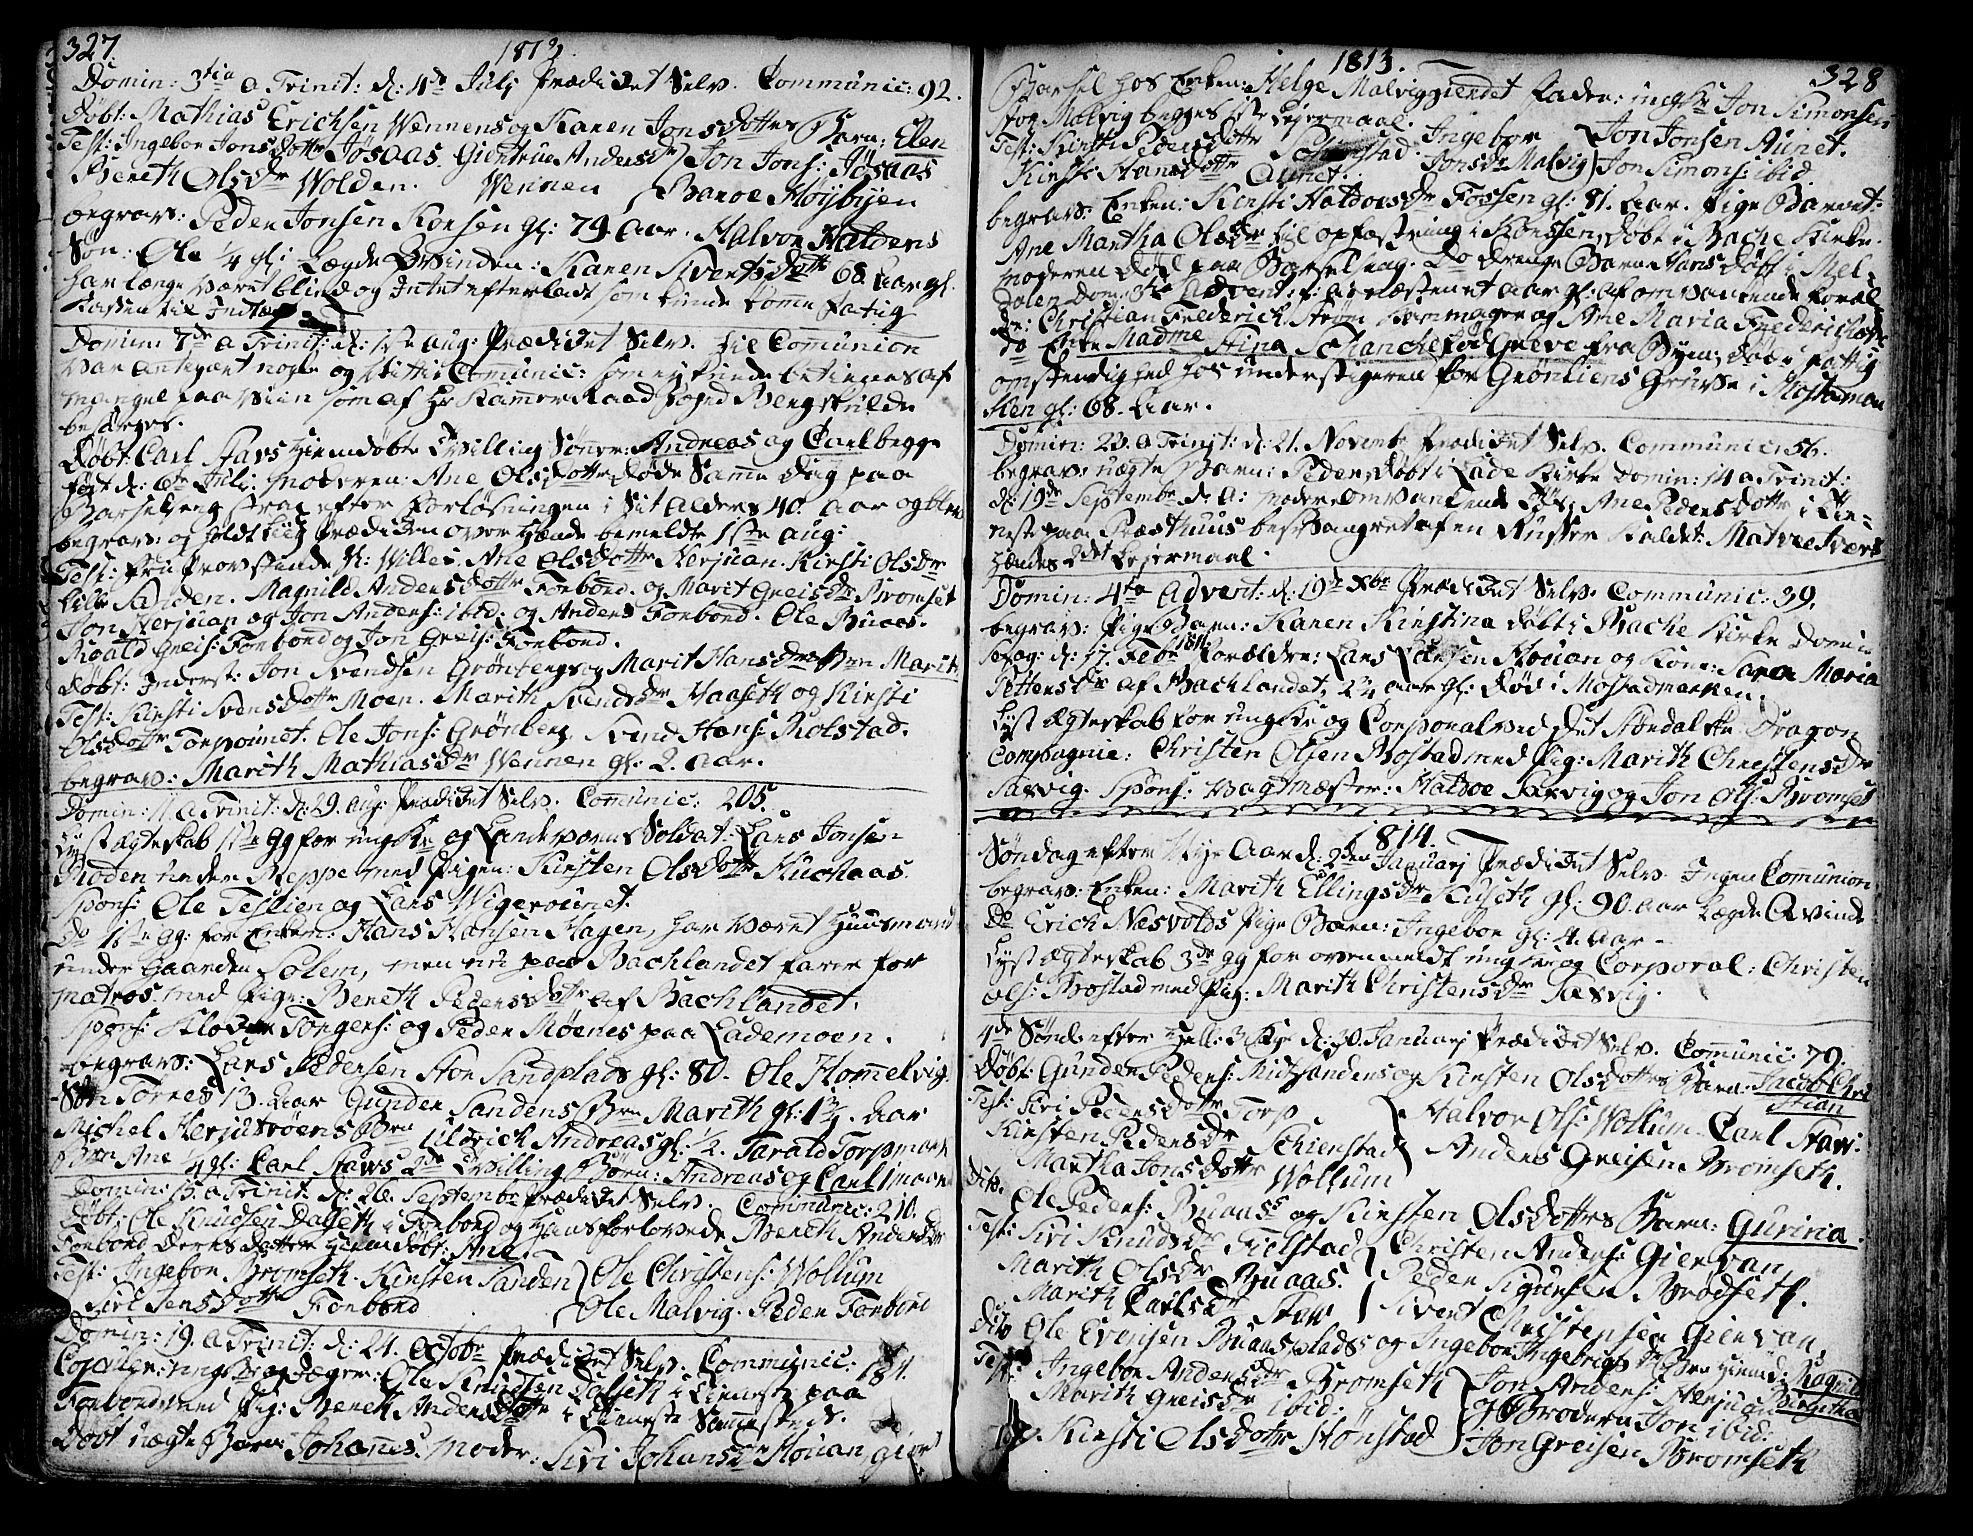 SAT, Ministerialprotokoller, klokkerbøker og fødselsregistre - Sør-Trøndelag, 606/L0281: Ministerialbok nr. 606A02 /2, 1781-1817, s. 327-328